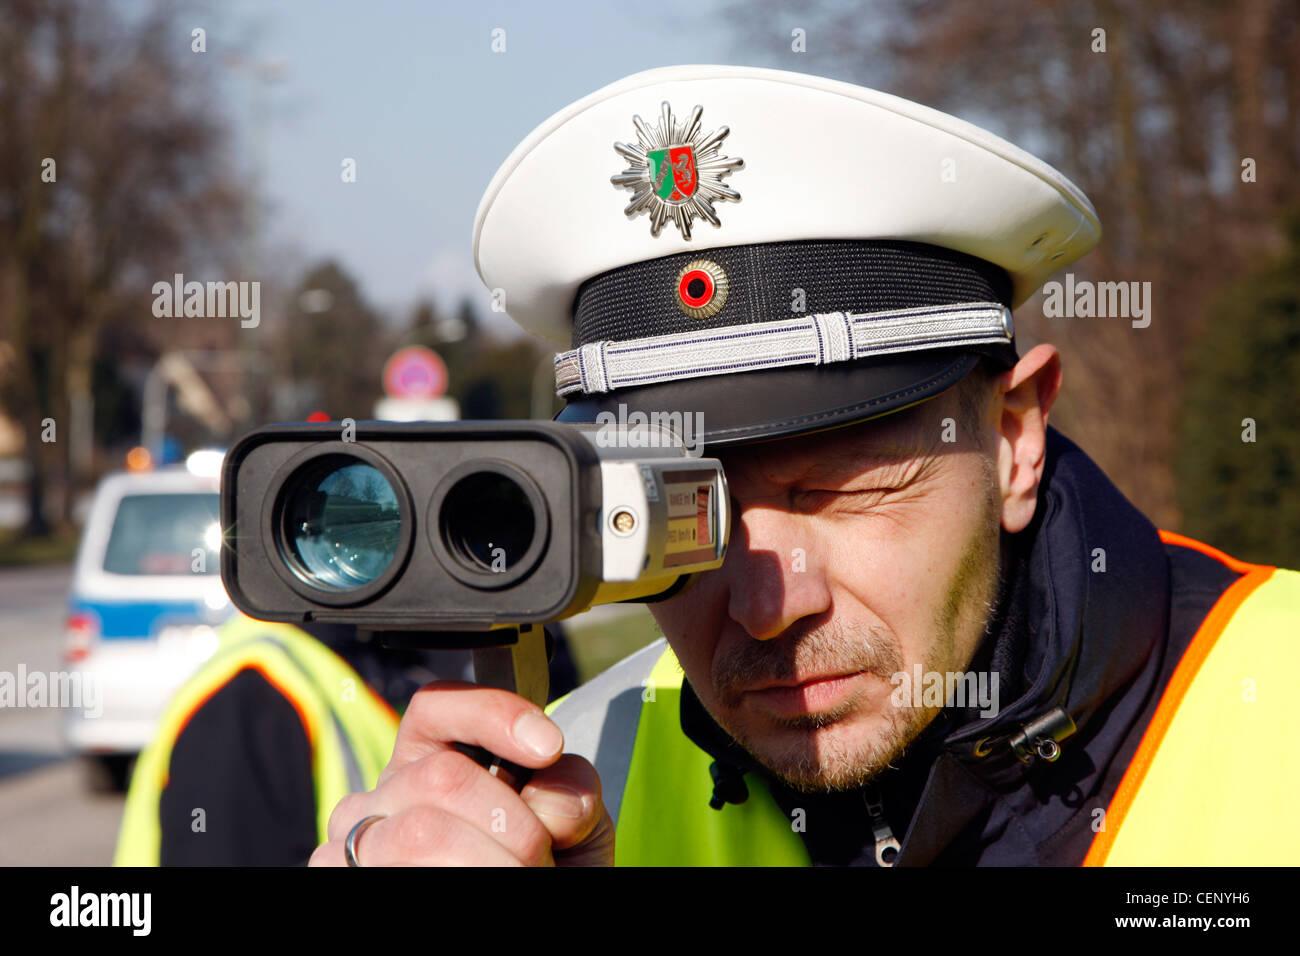 Control de la policía de tráfico, control de velocidad mediante un sistema de medición láser. Imagen De Stock